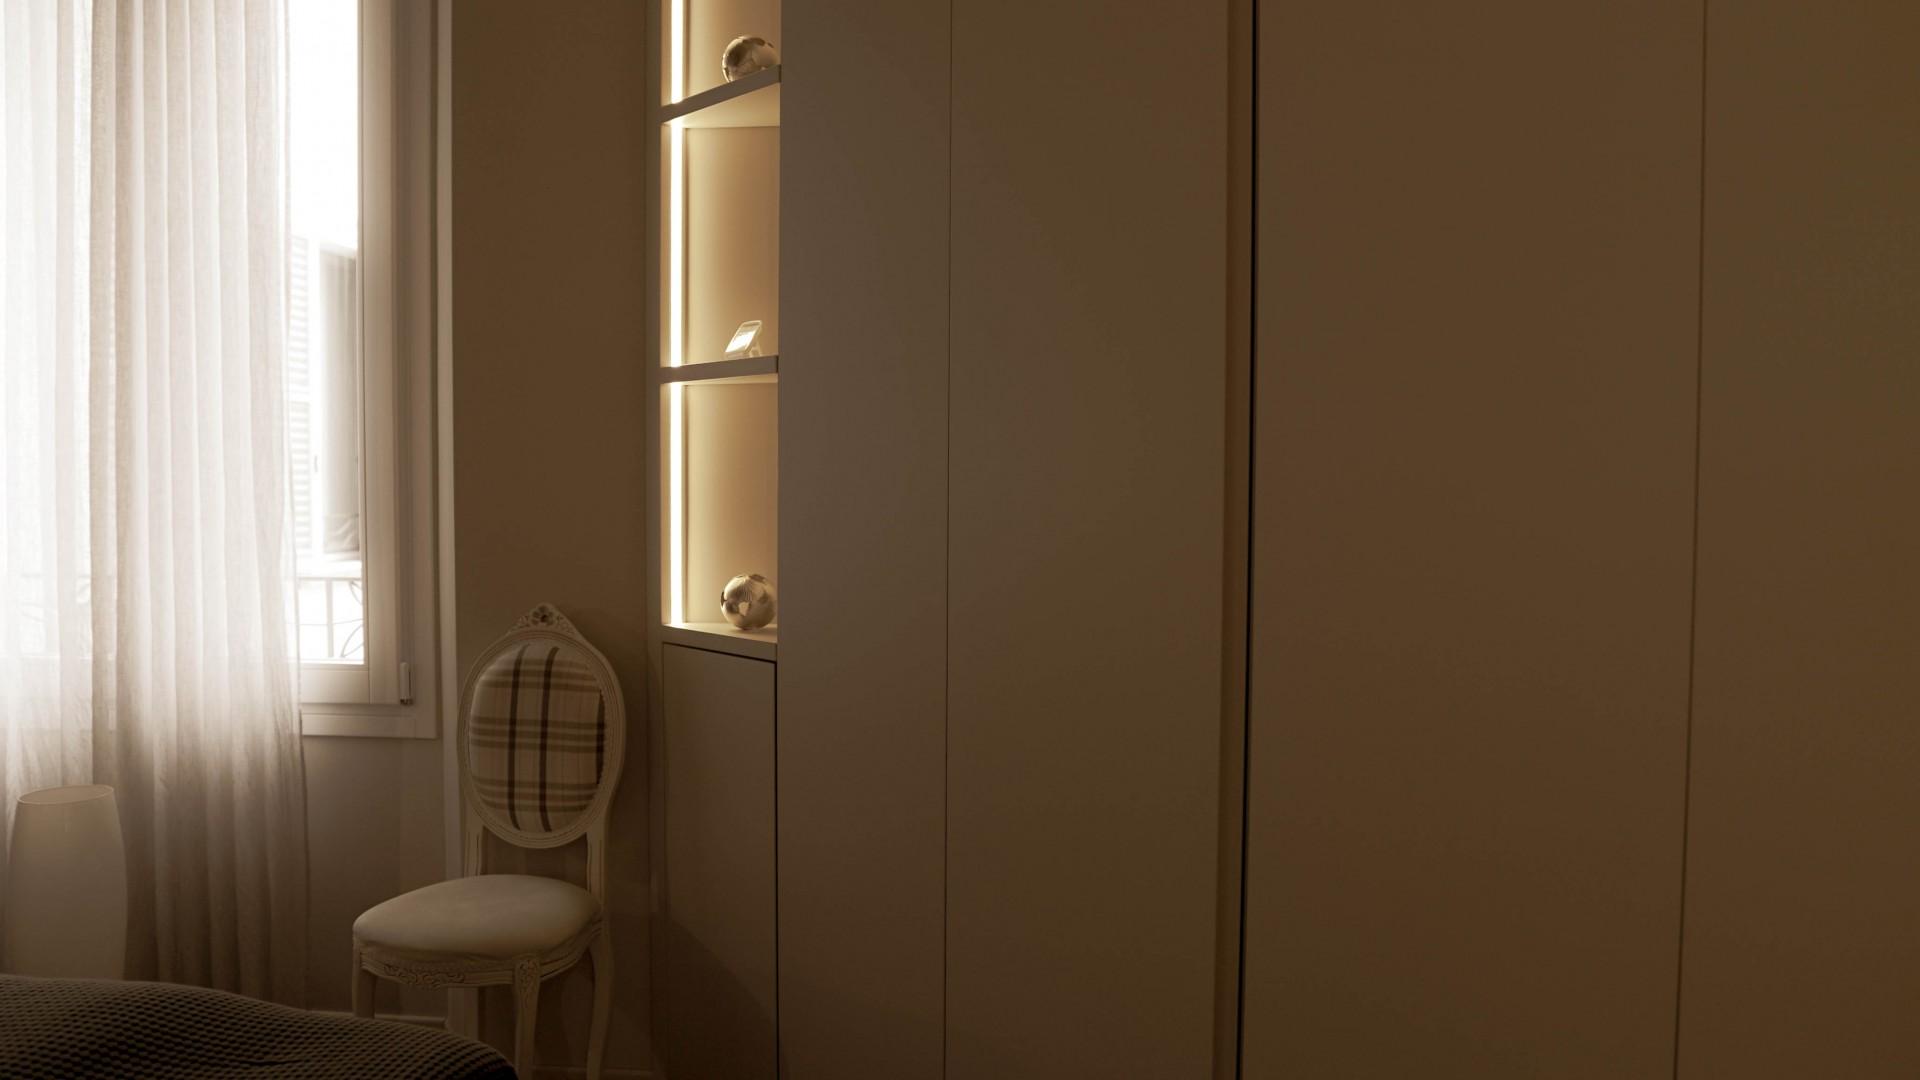 Arredamento su misura realizzato da Profili - Falegnameria & Design. Armadio camera da letto laccato..